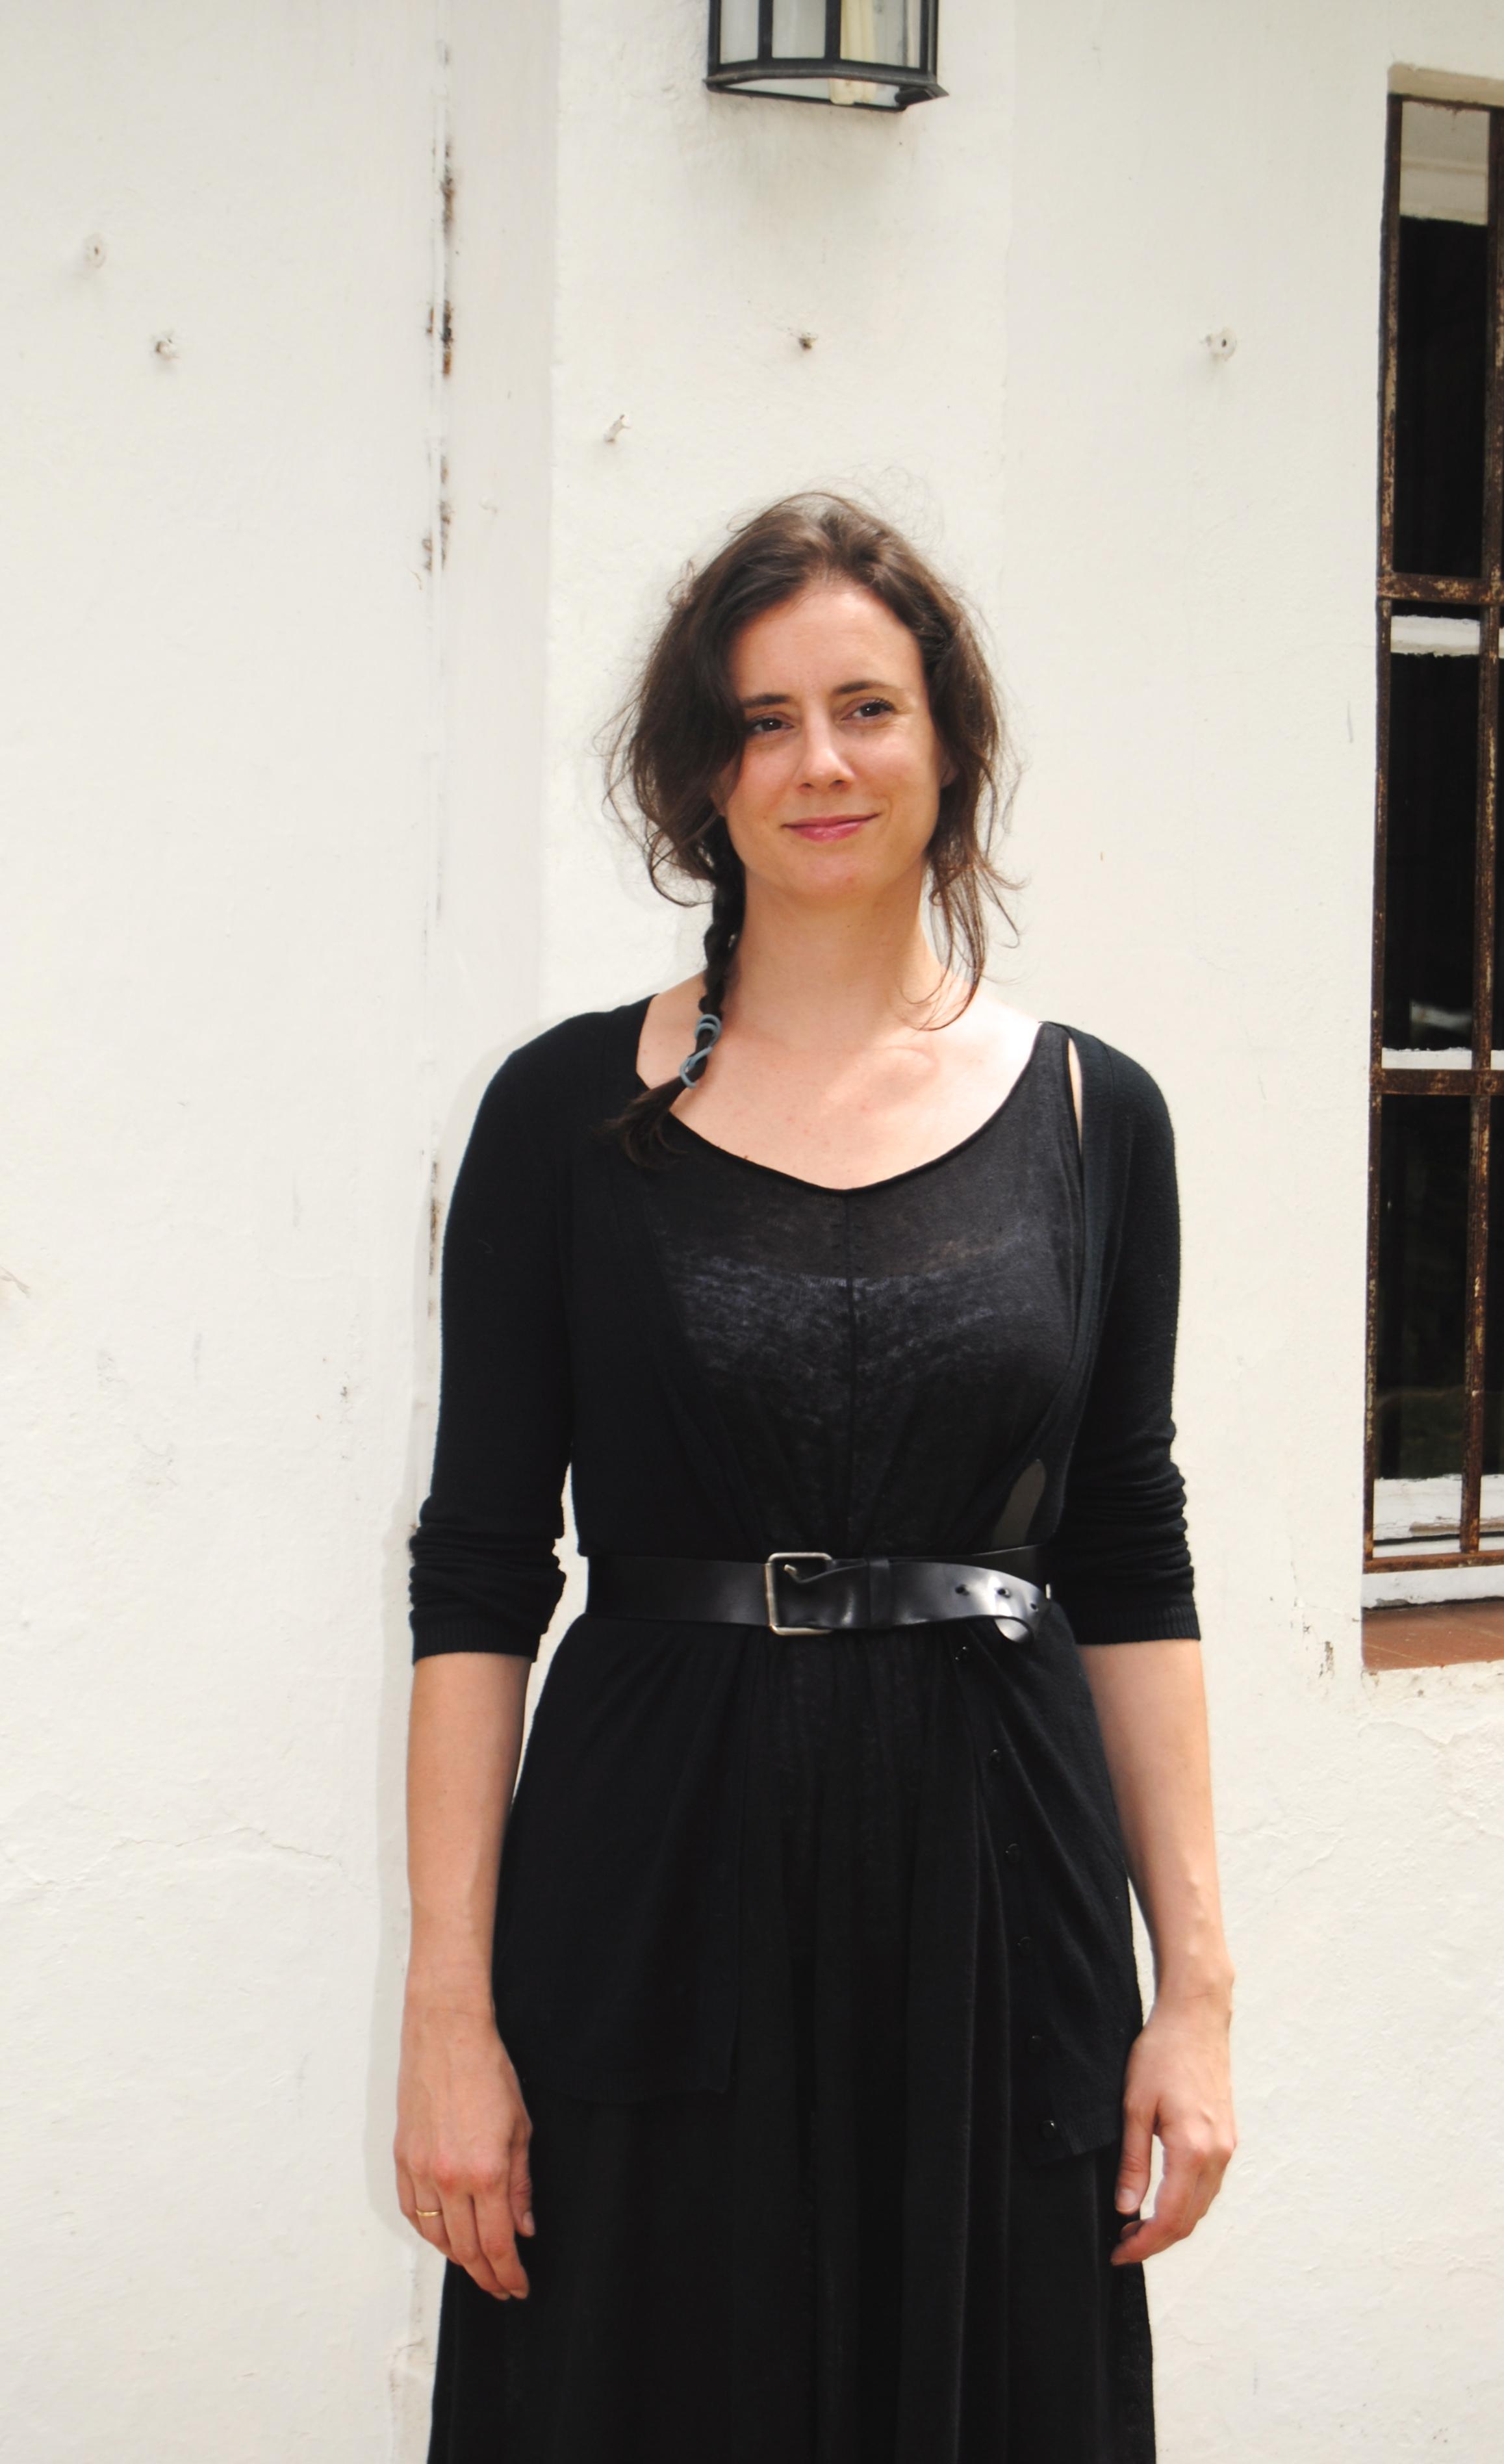 Vestido: COS; Jersey: Zara; Cinturón: GAP; Sandalias: COS